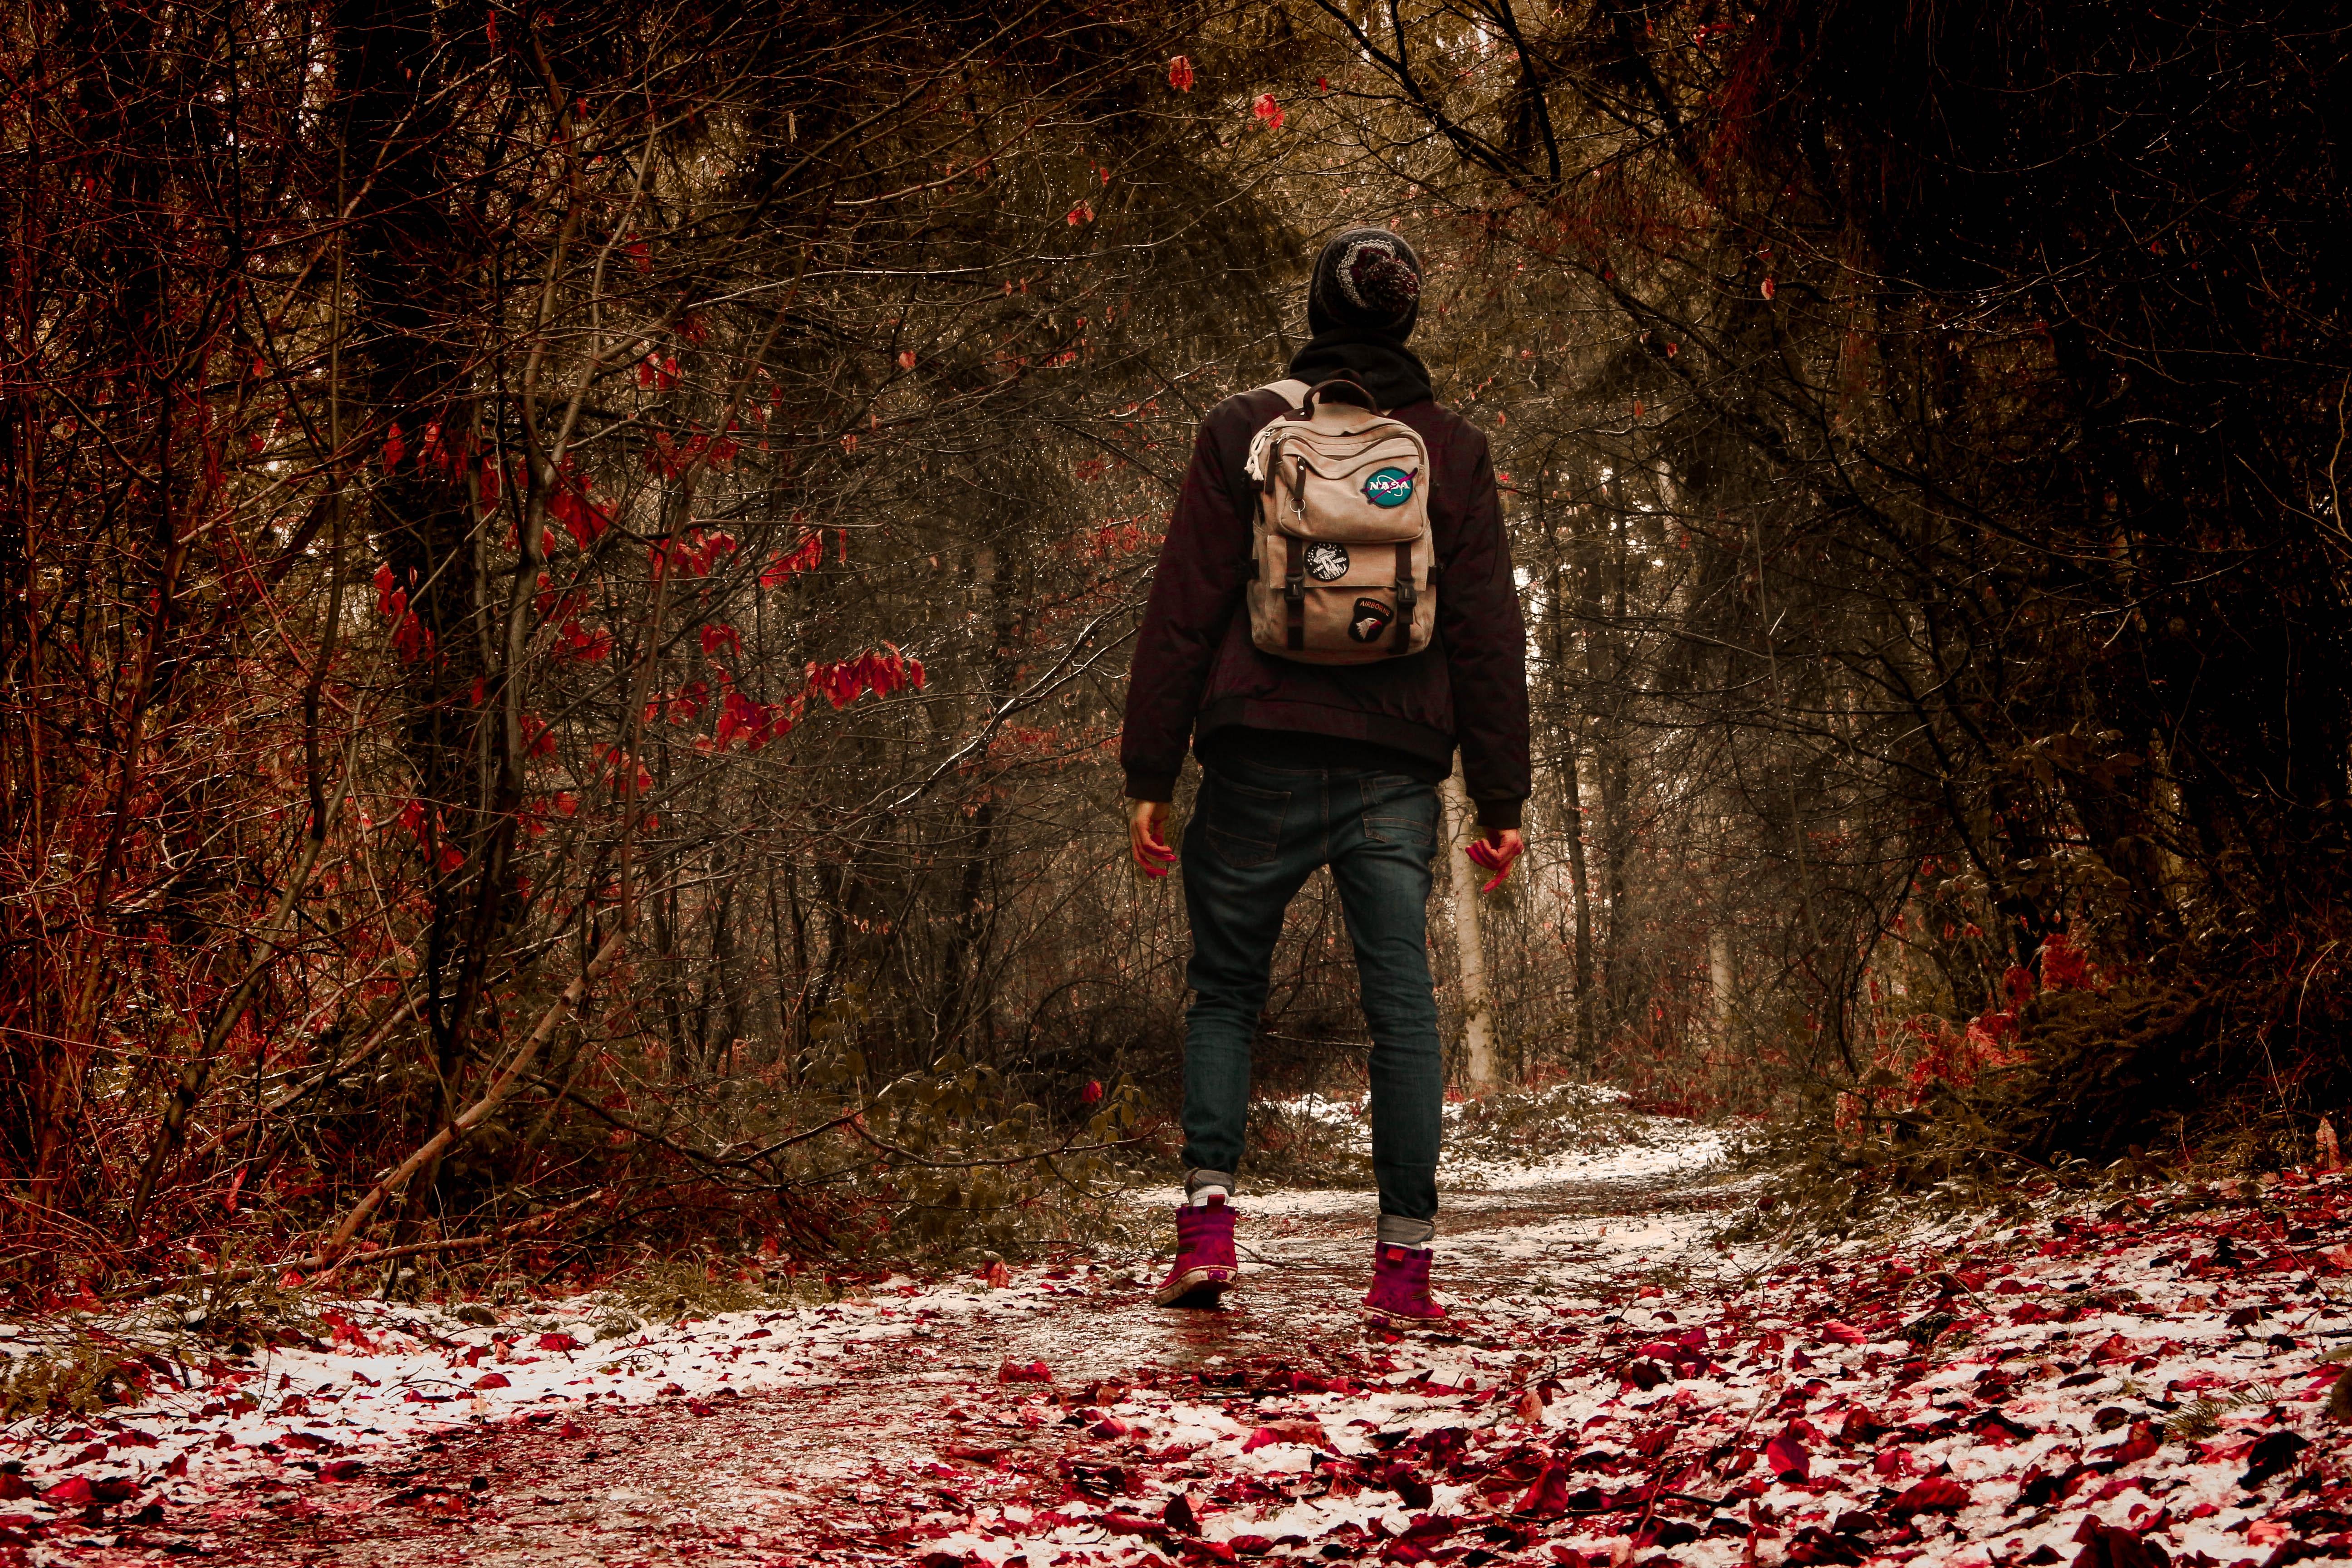 частных перевозчиков мужчина в лесу картинки уже